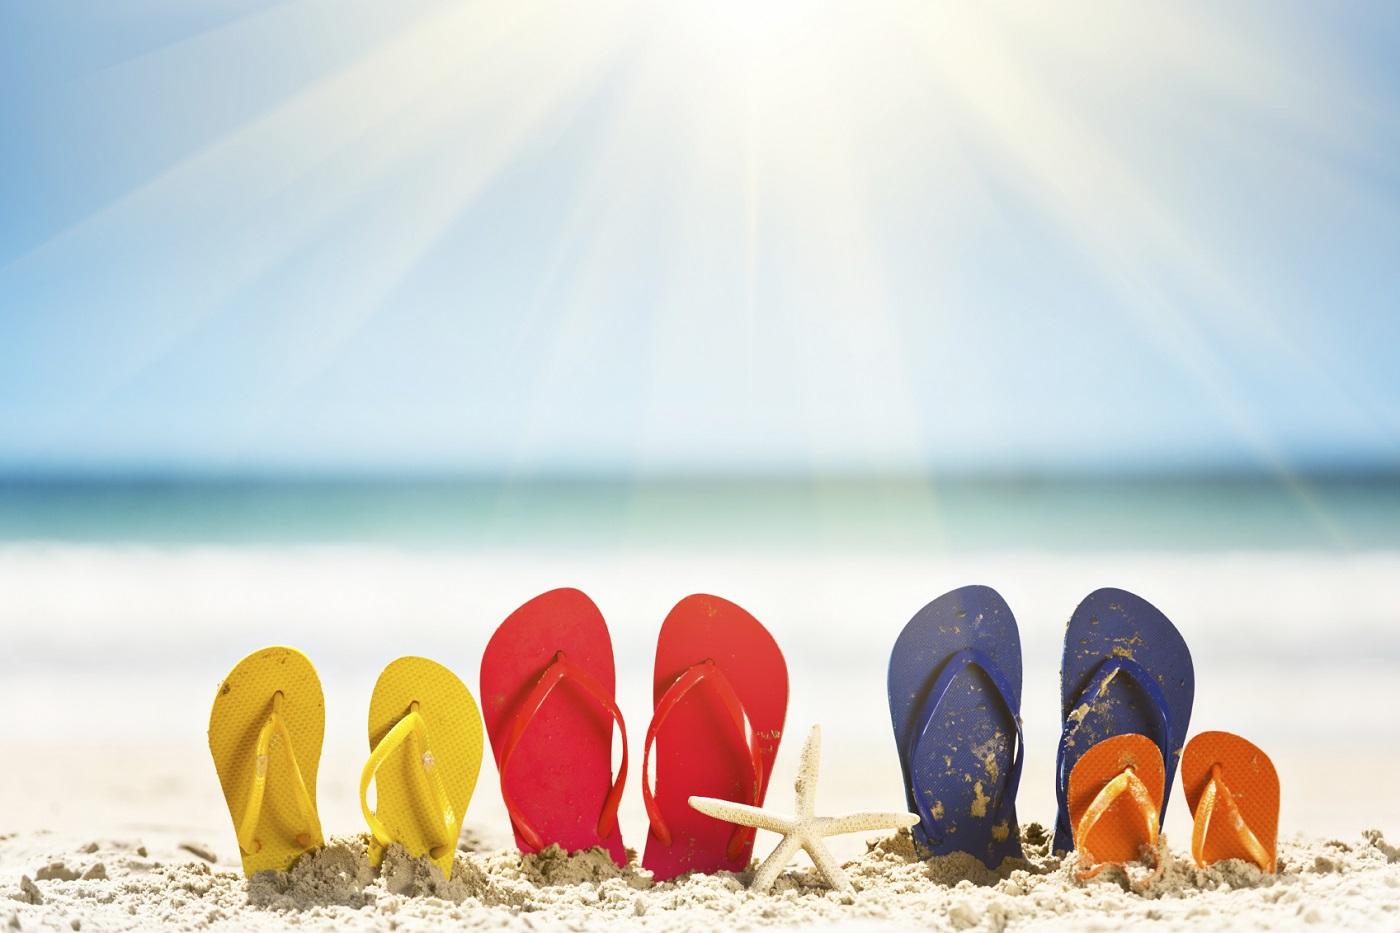 Locations de vacances: où réaliser de bonnes affaires ?